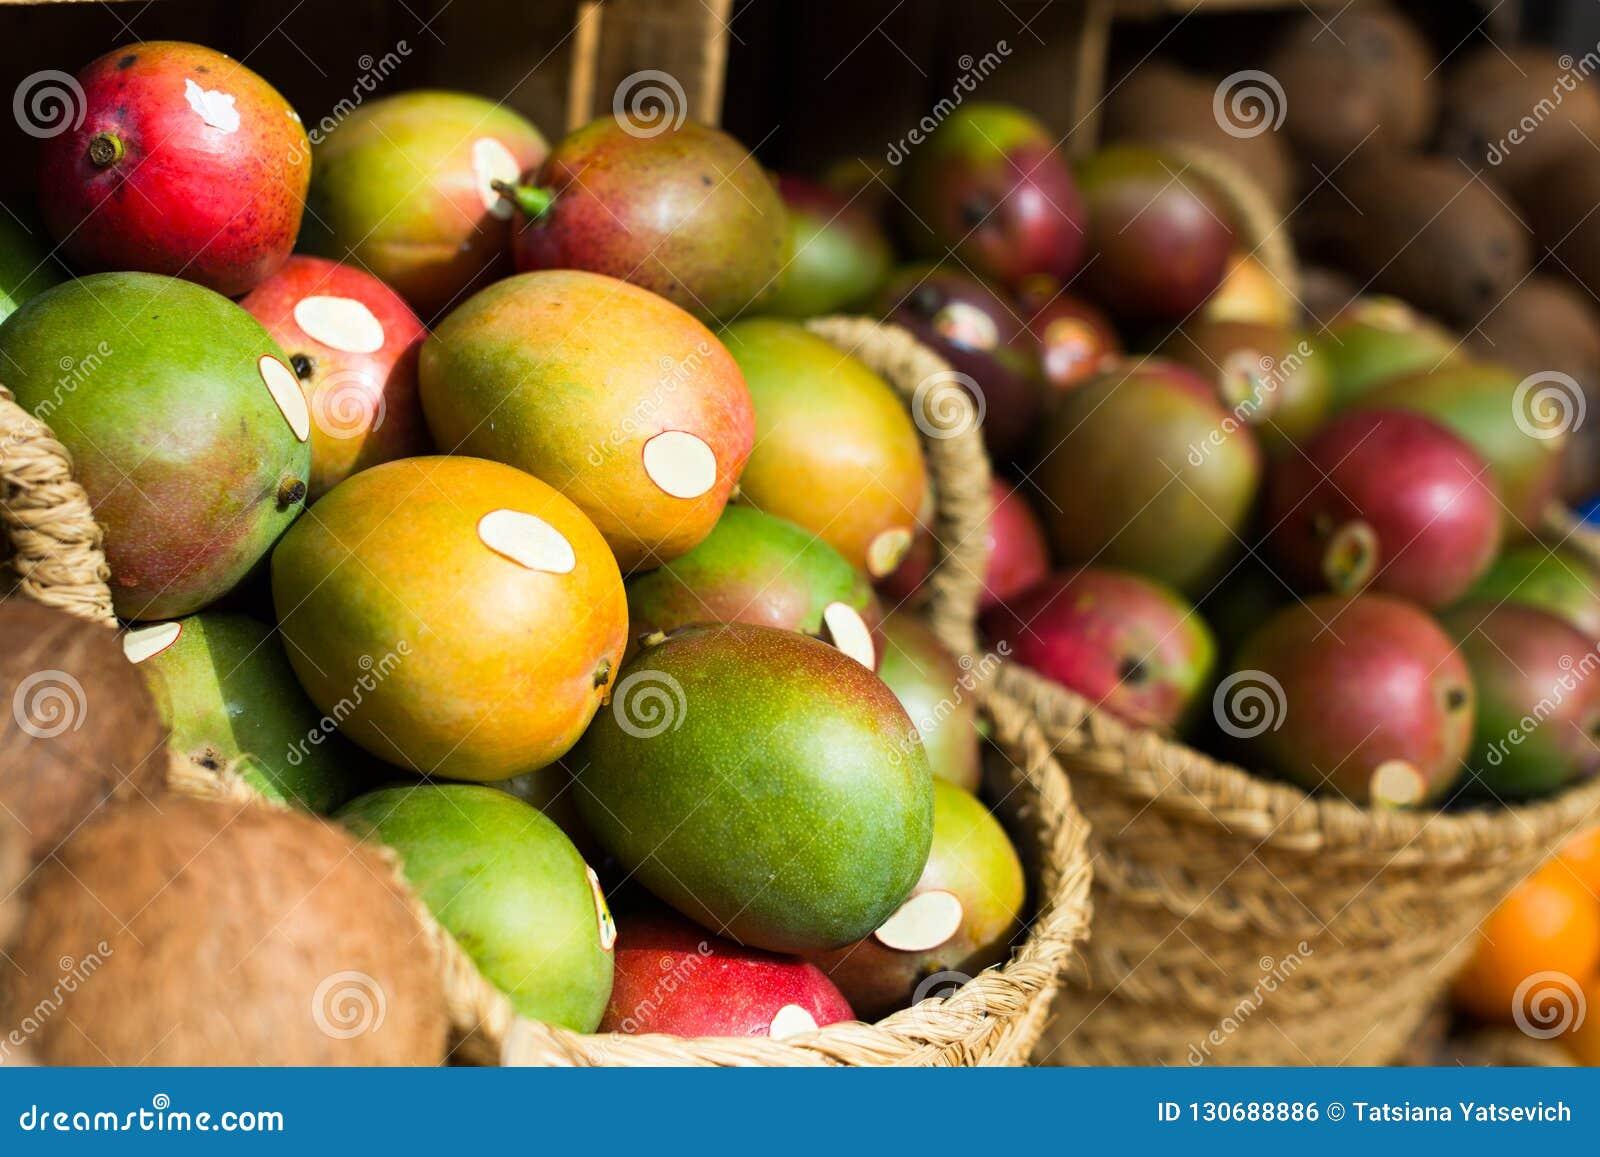 Mangue juteuse mûre dans les paniers en osier sur le compteur du marché